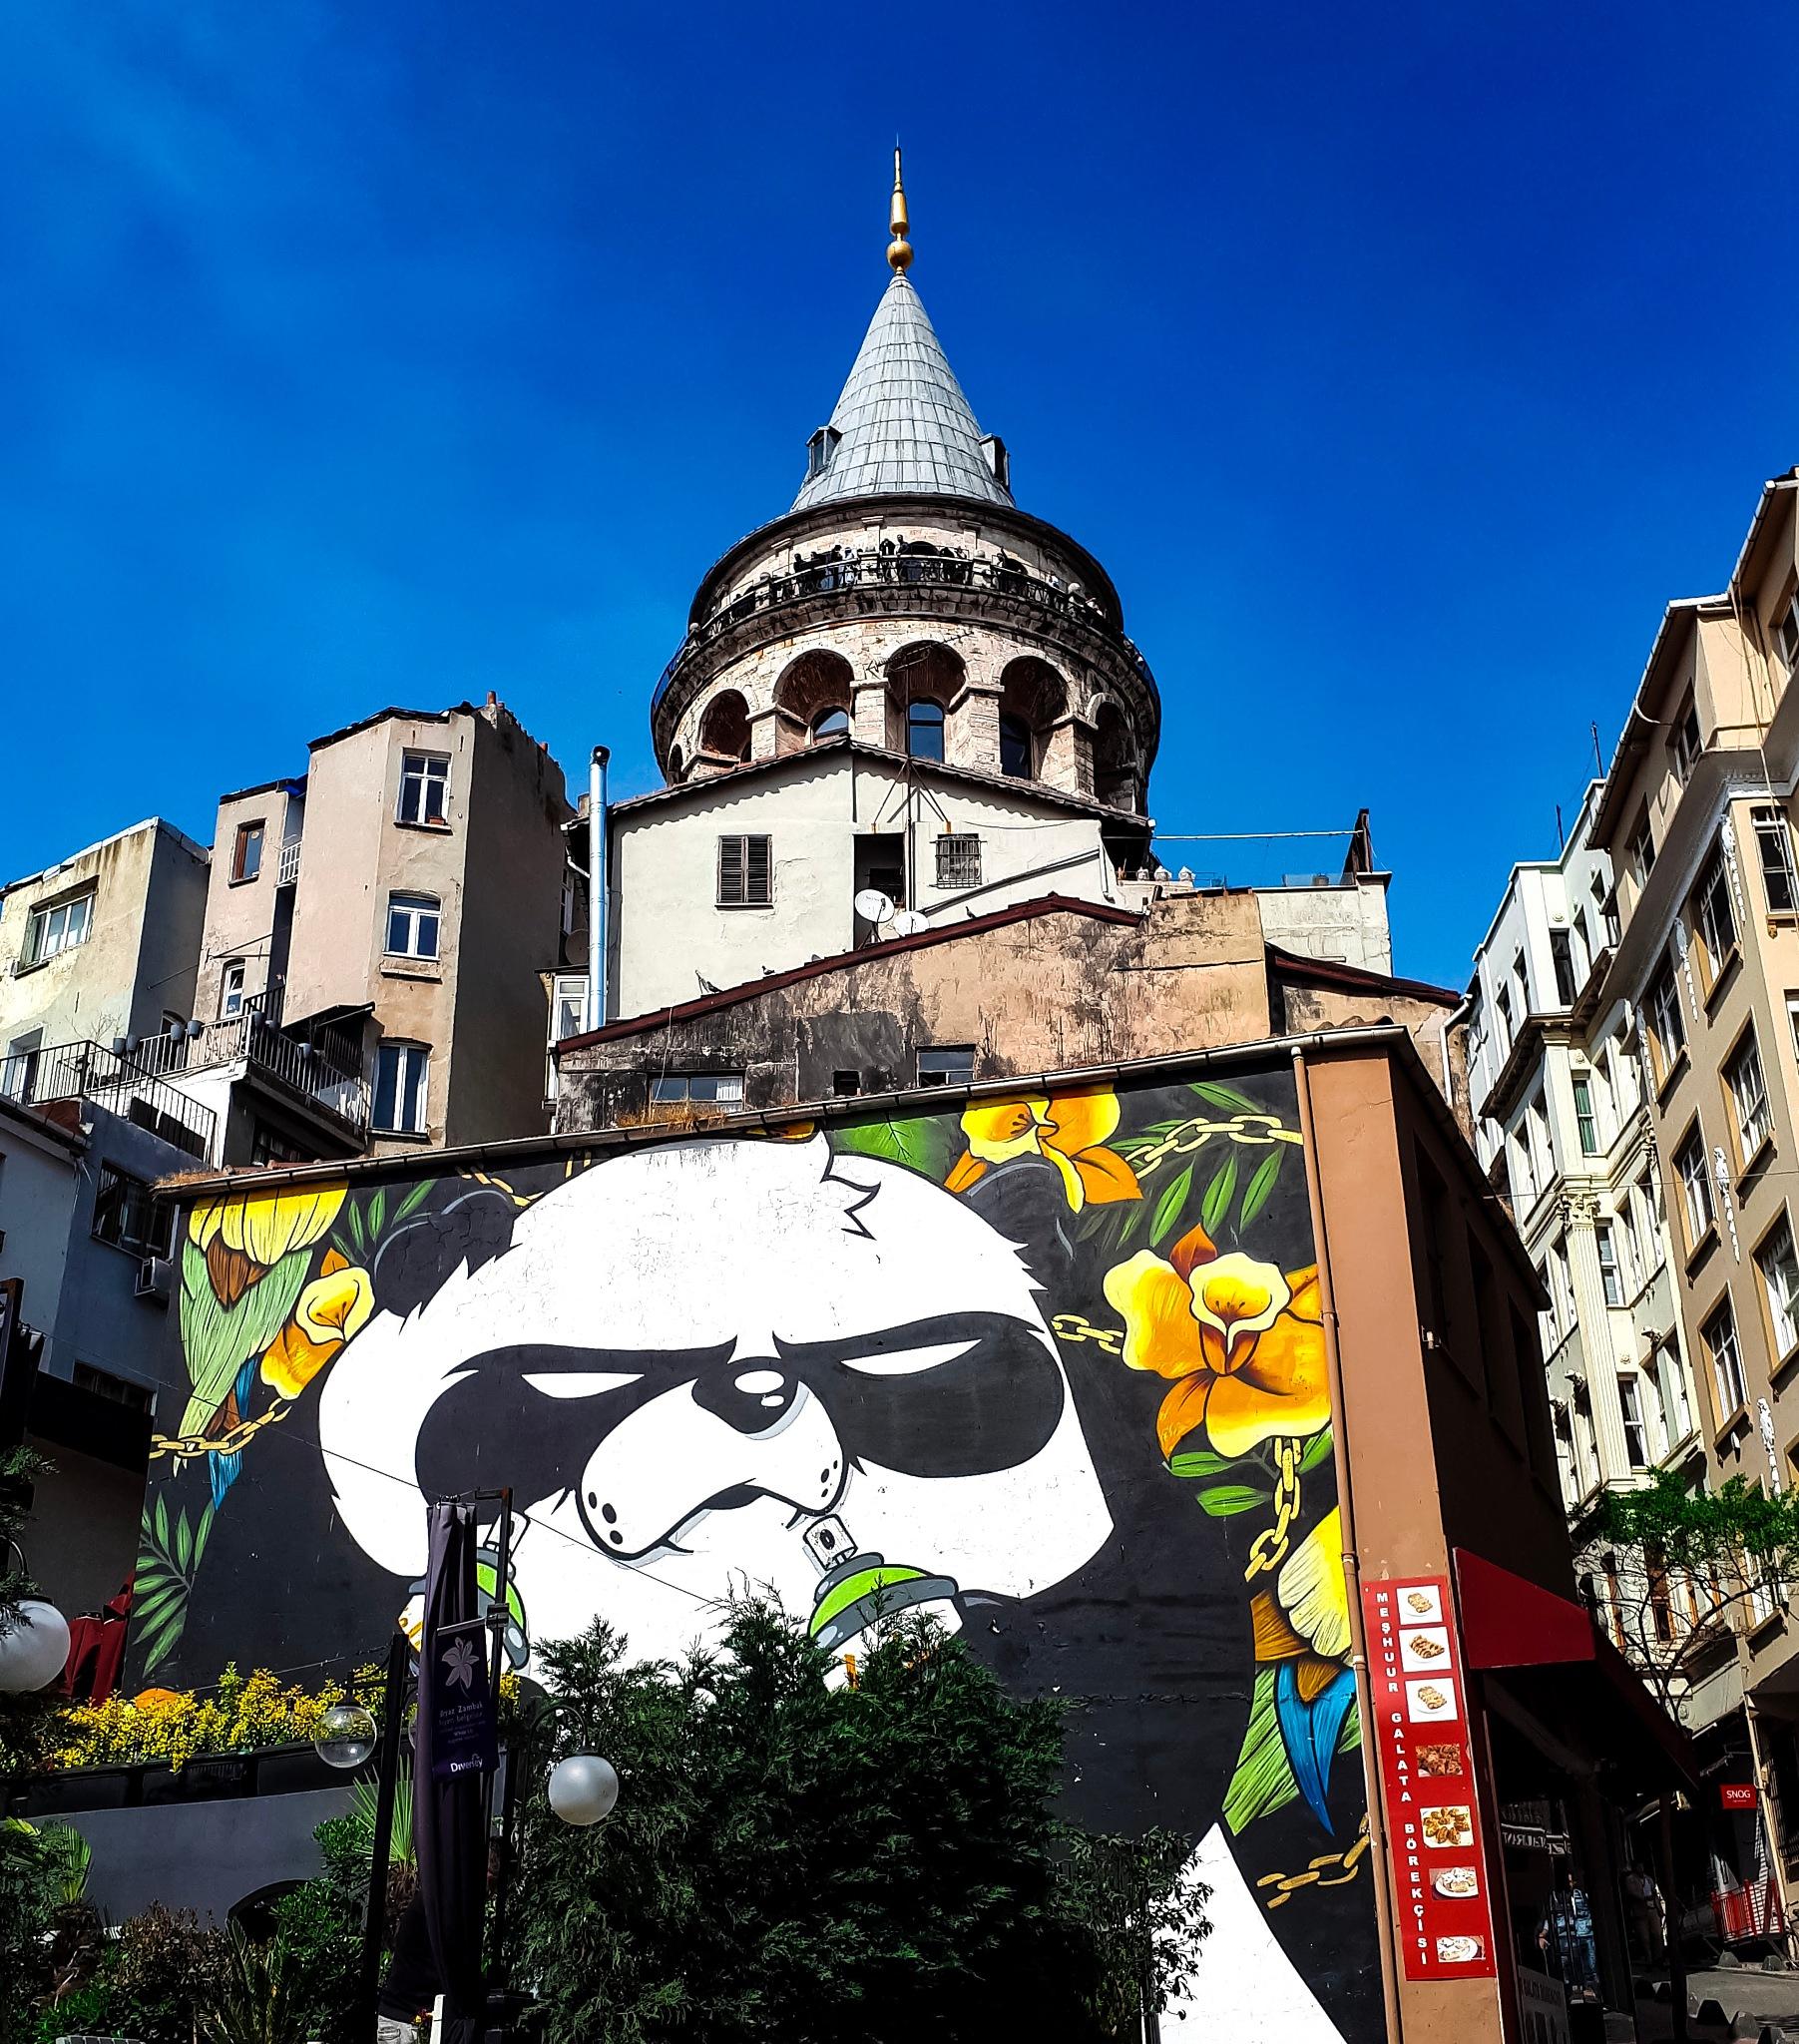 Never say no to panda by Emre Eroğlu